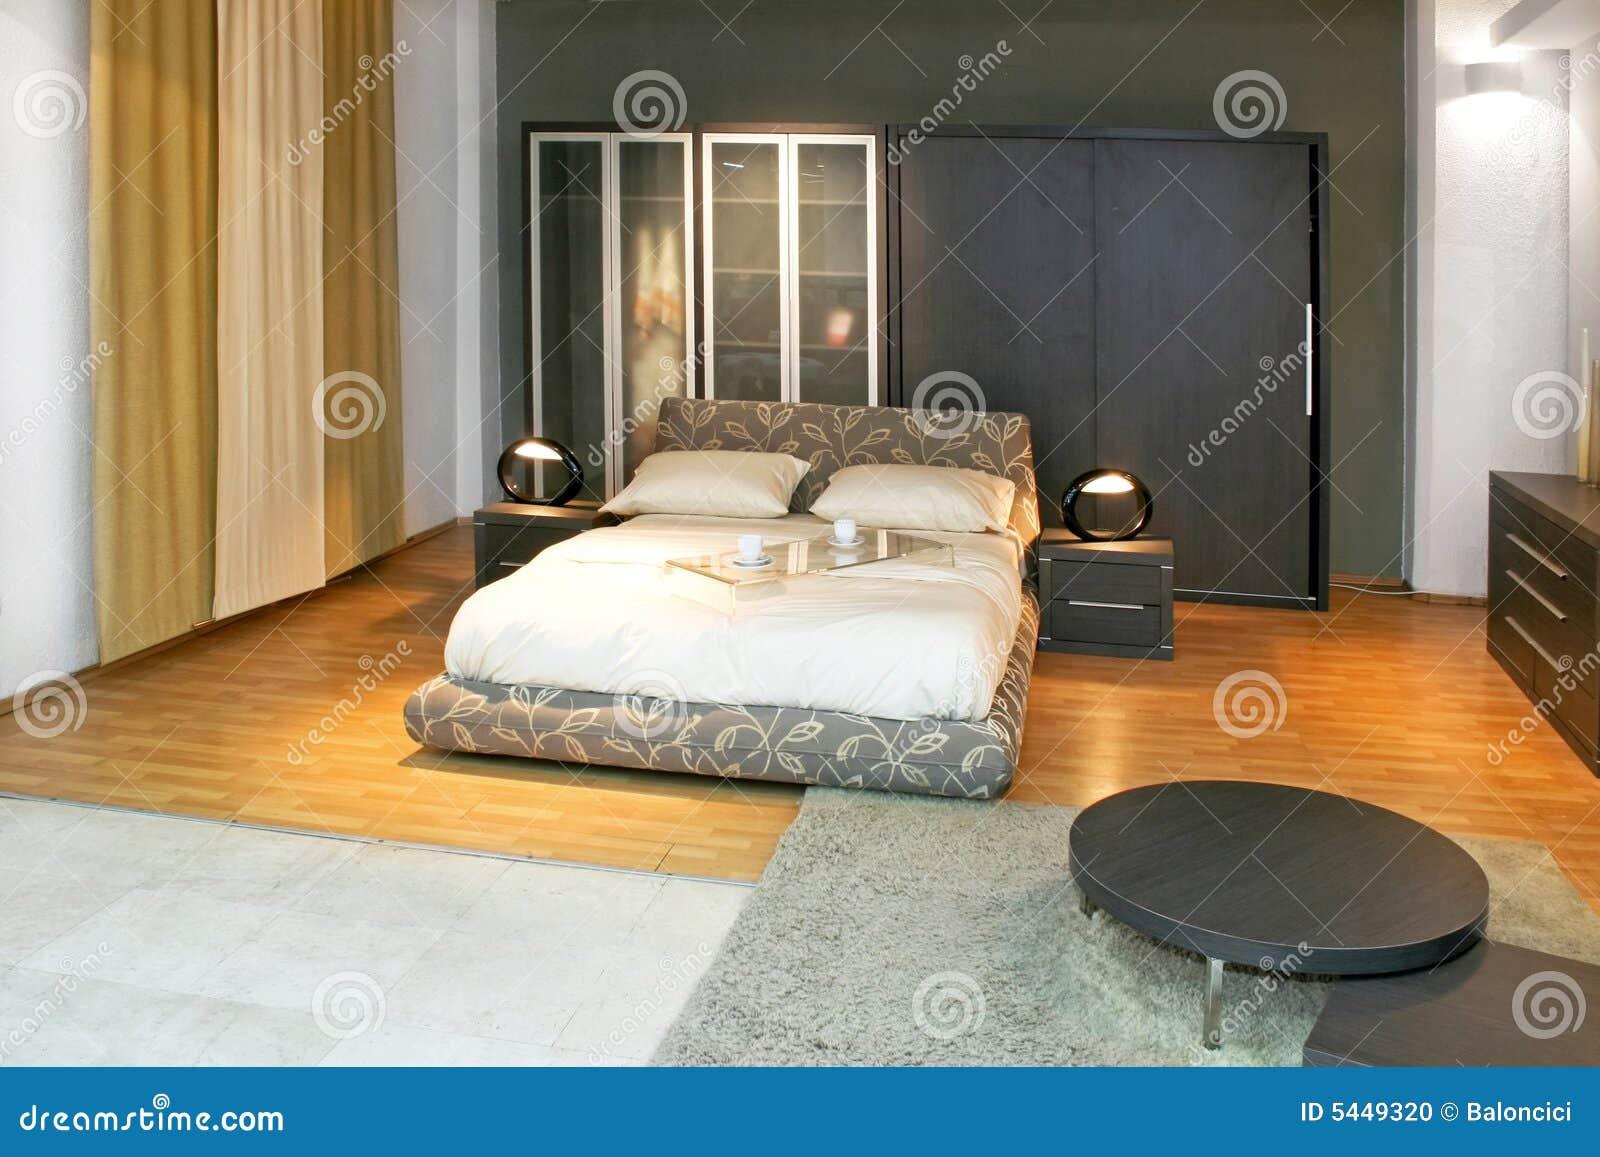 Moderne slaapkamer moderne slaapkamers car interior design het d teruggeven van moderne - Moderne design slaapkamer ...